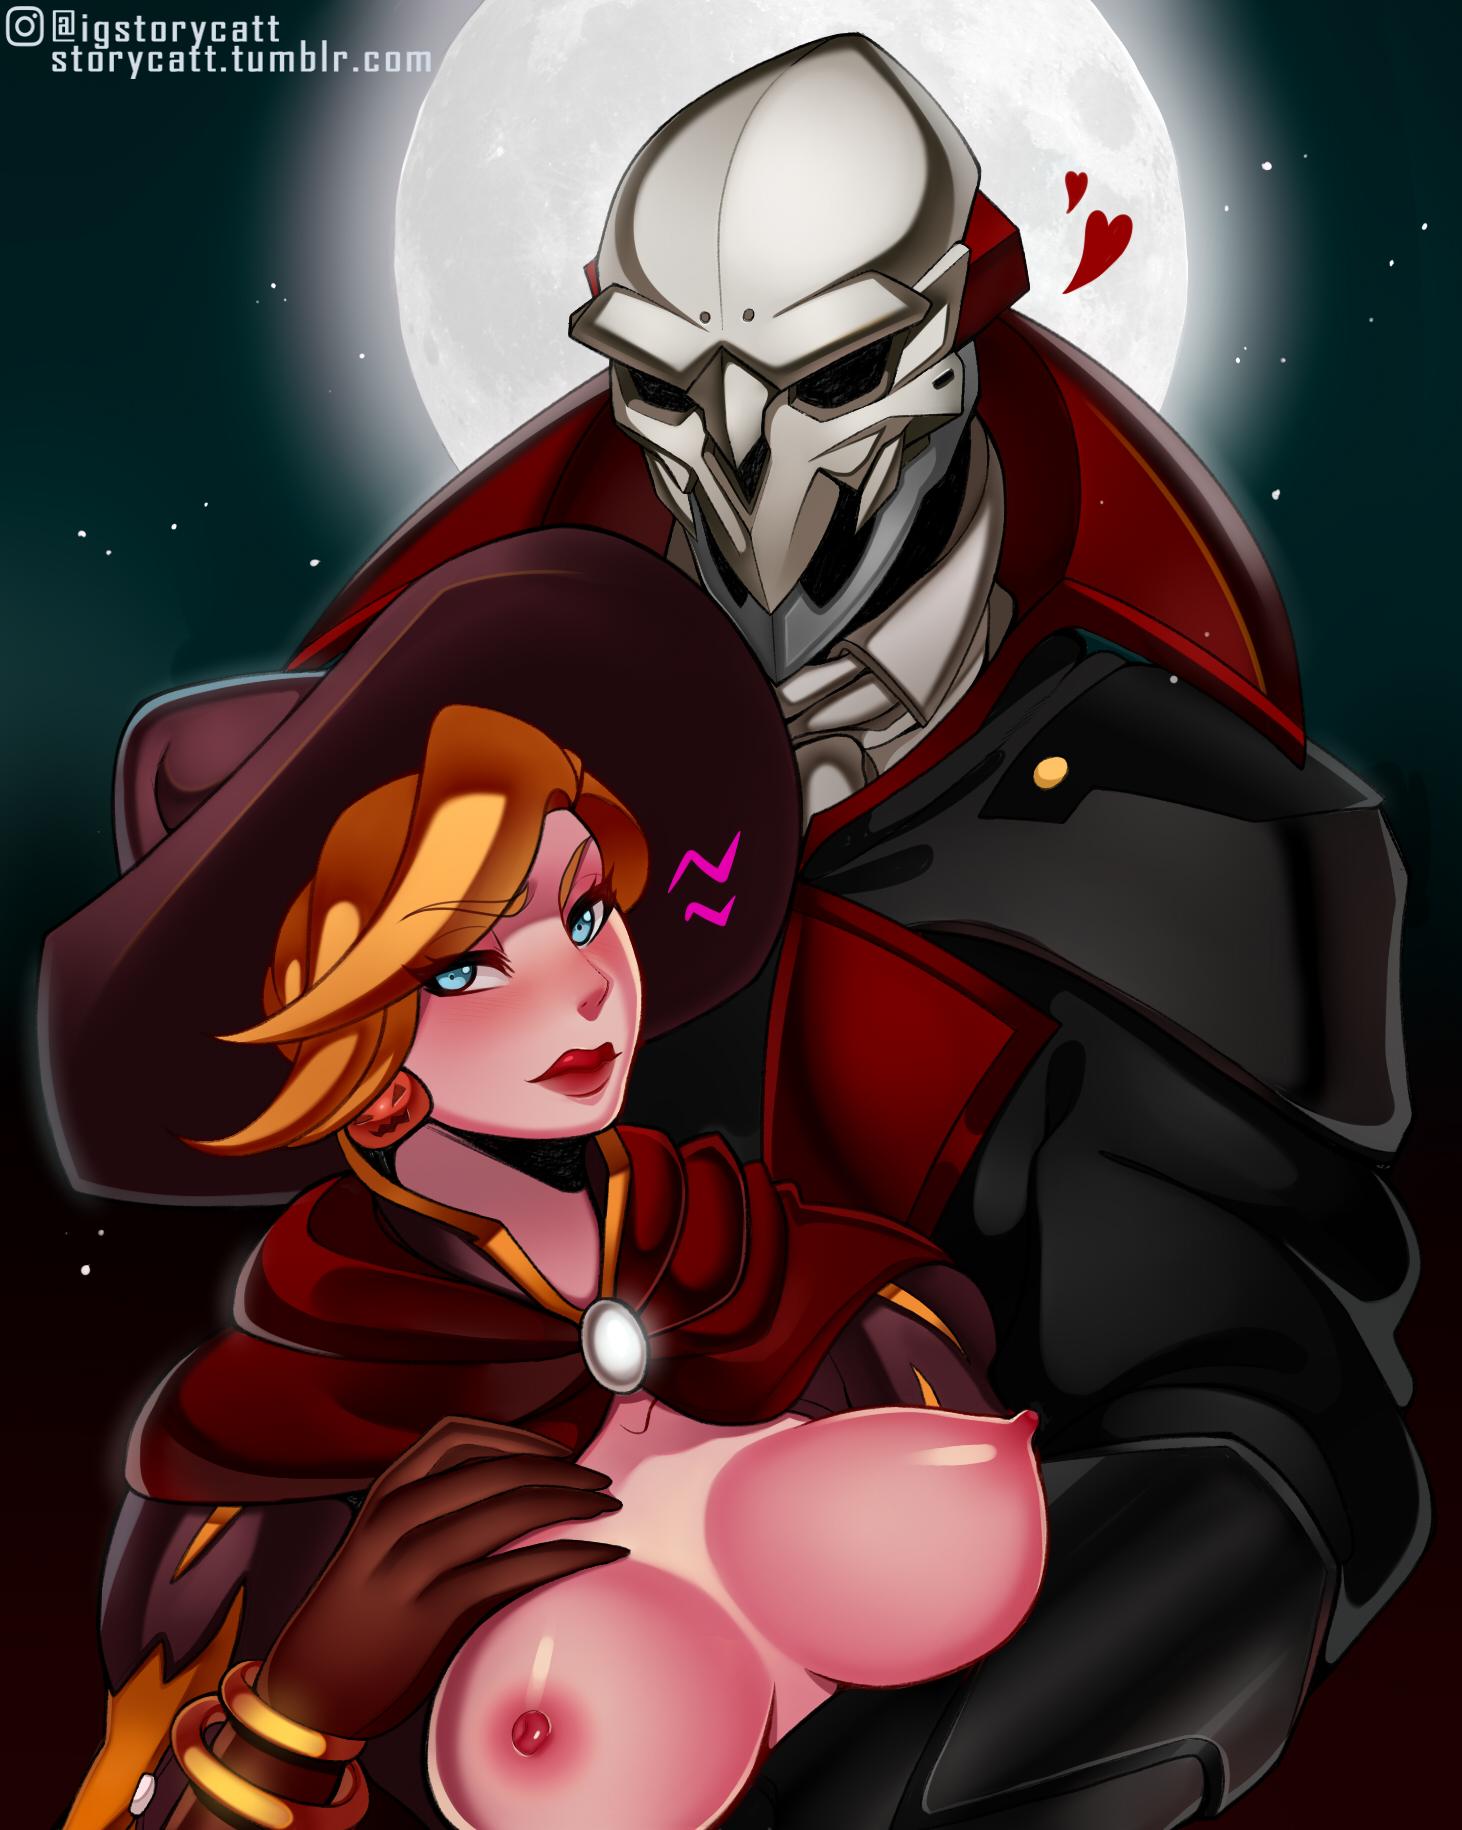 2616644 - Halloween Mercy Overlook Reaper StoryCatt